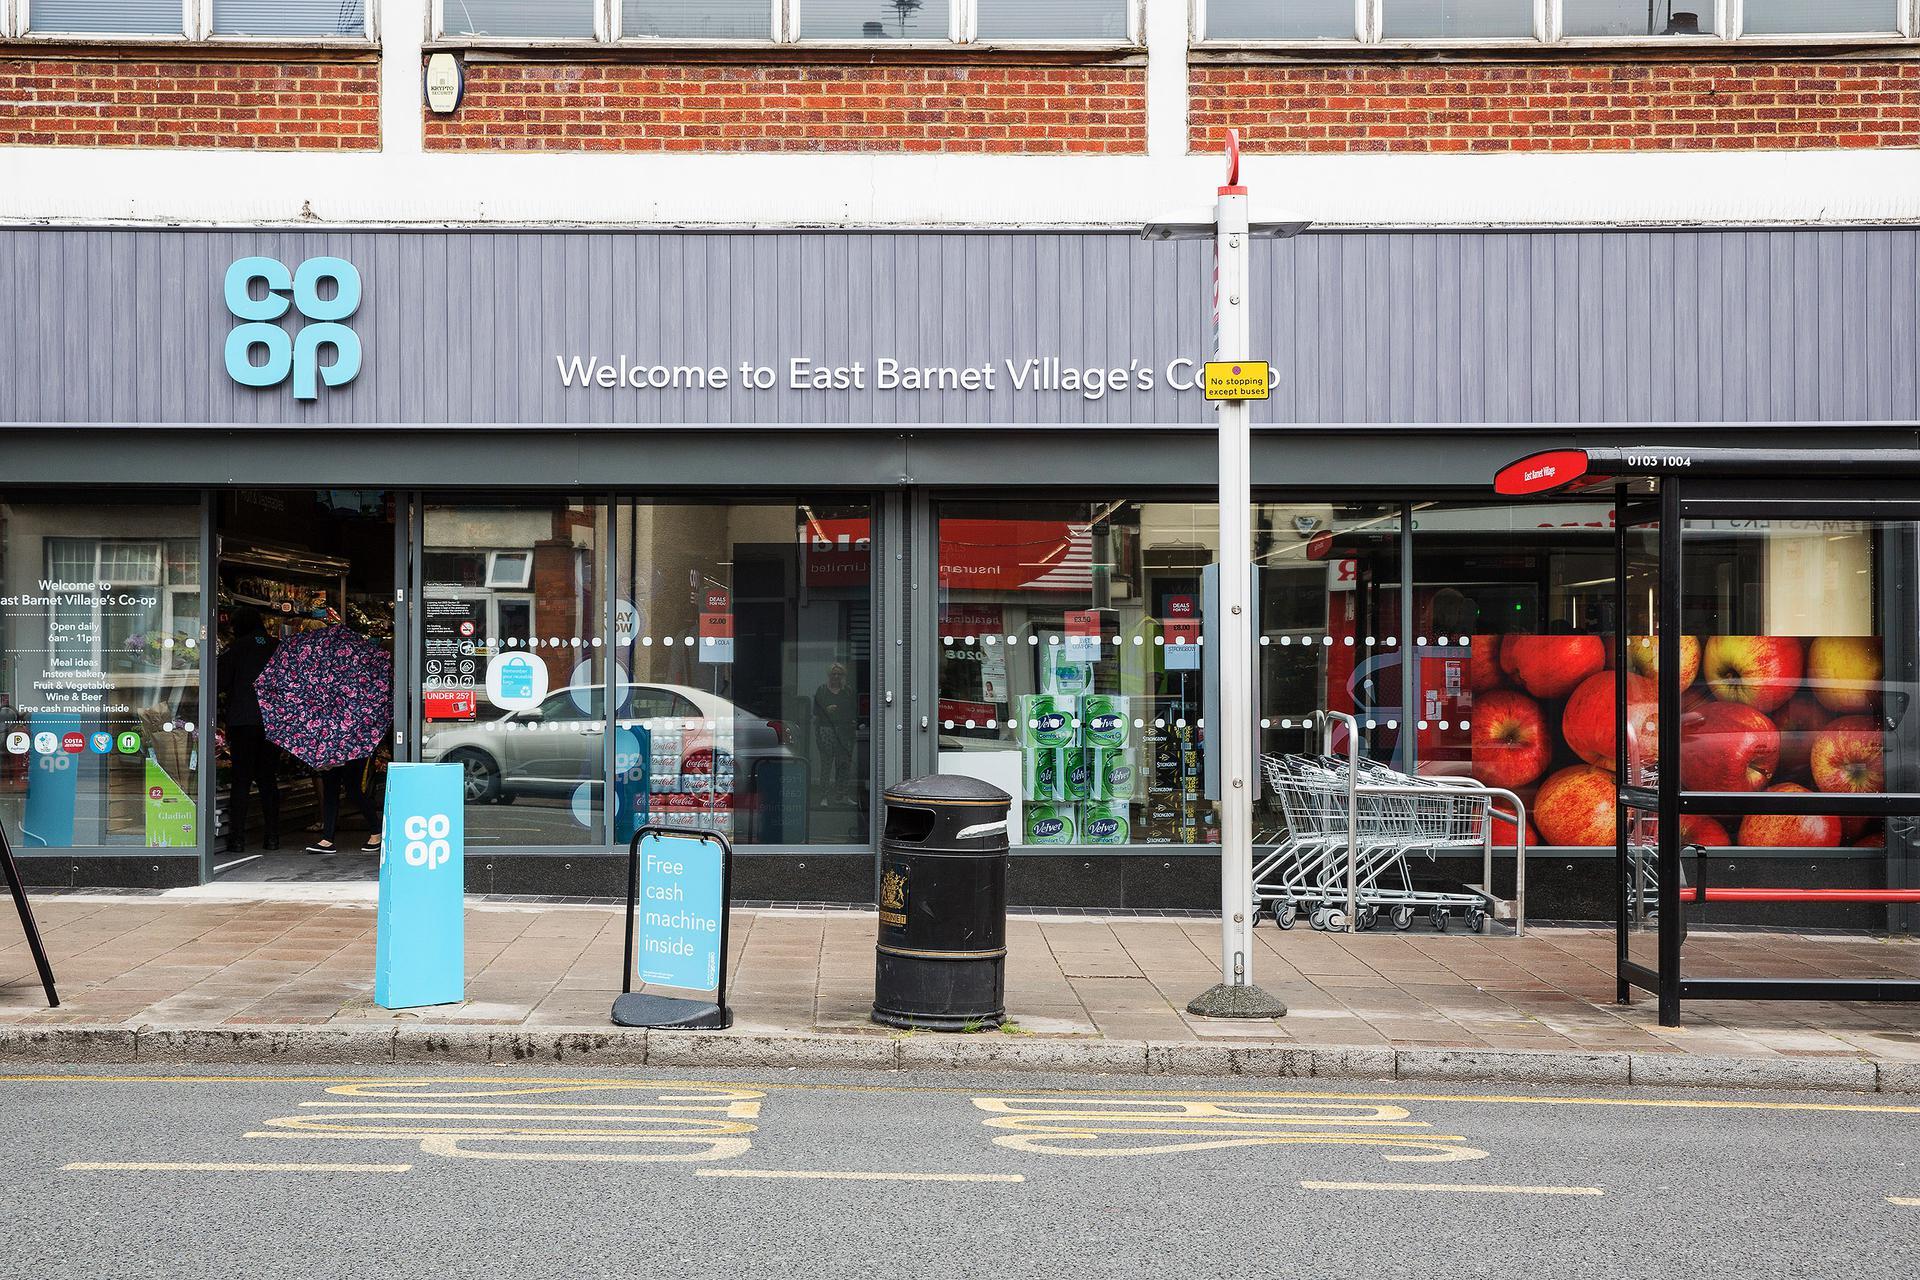 A photograph of East Barnet - East Barnet Road